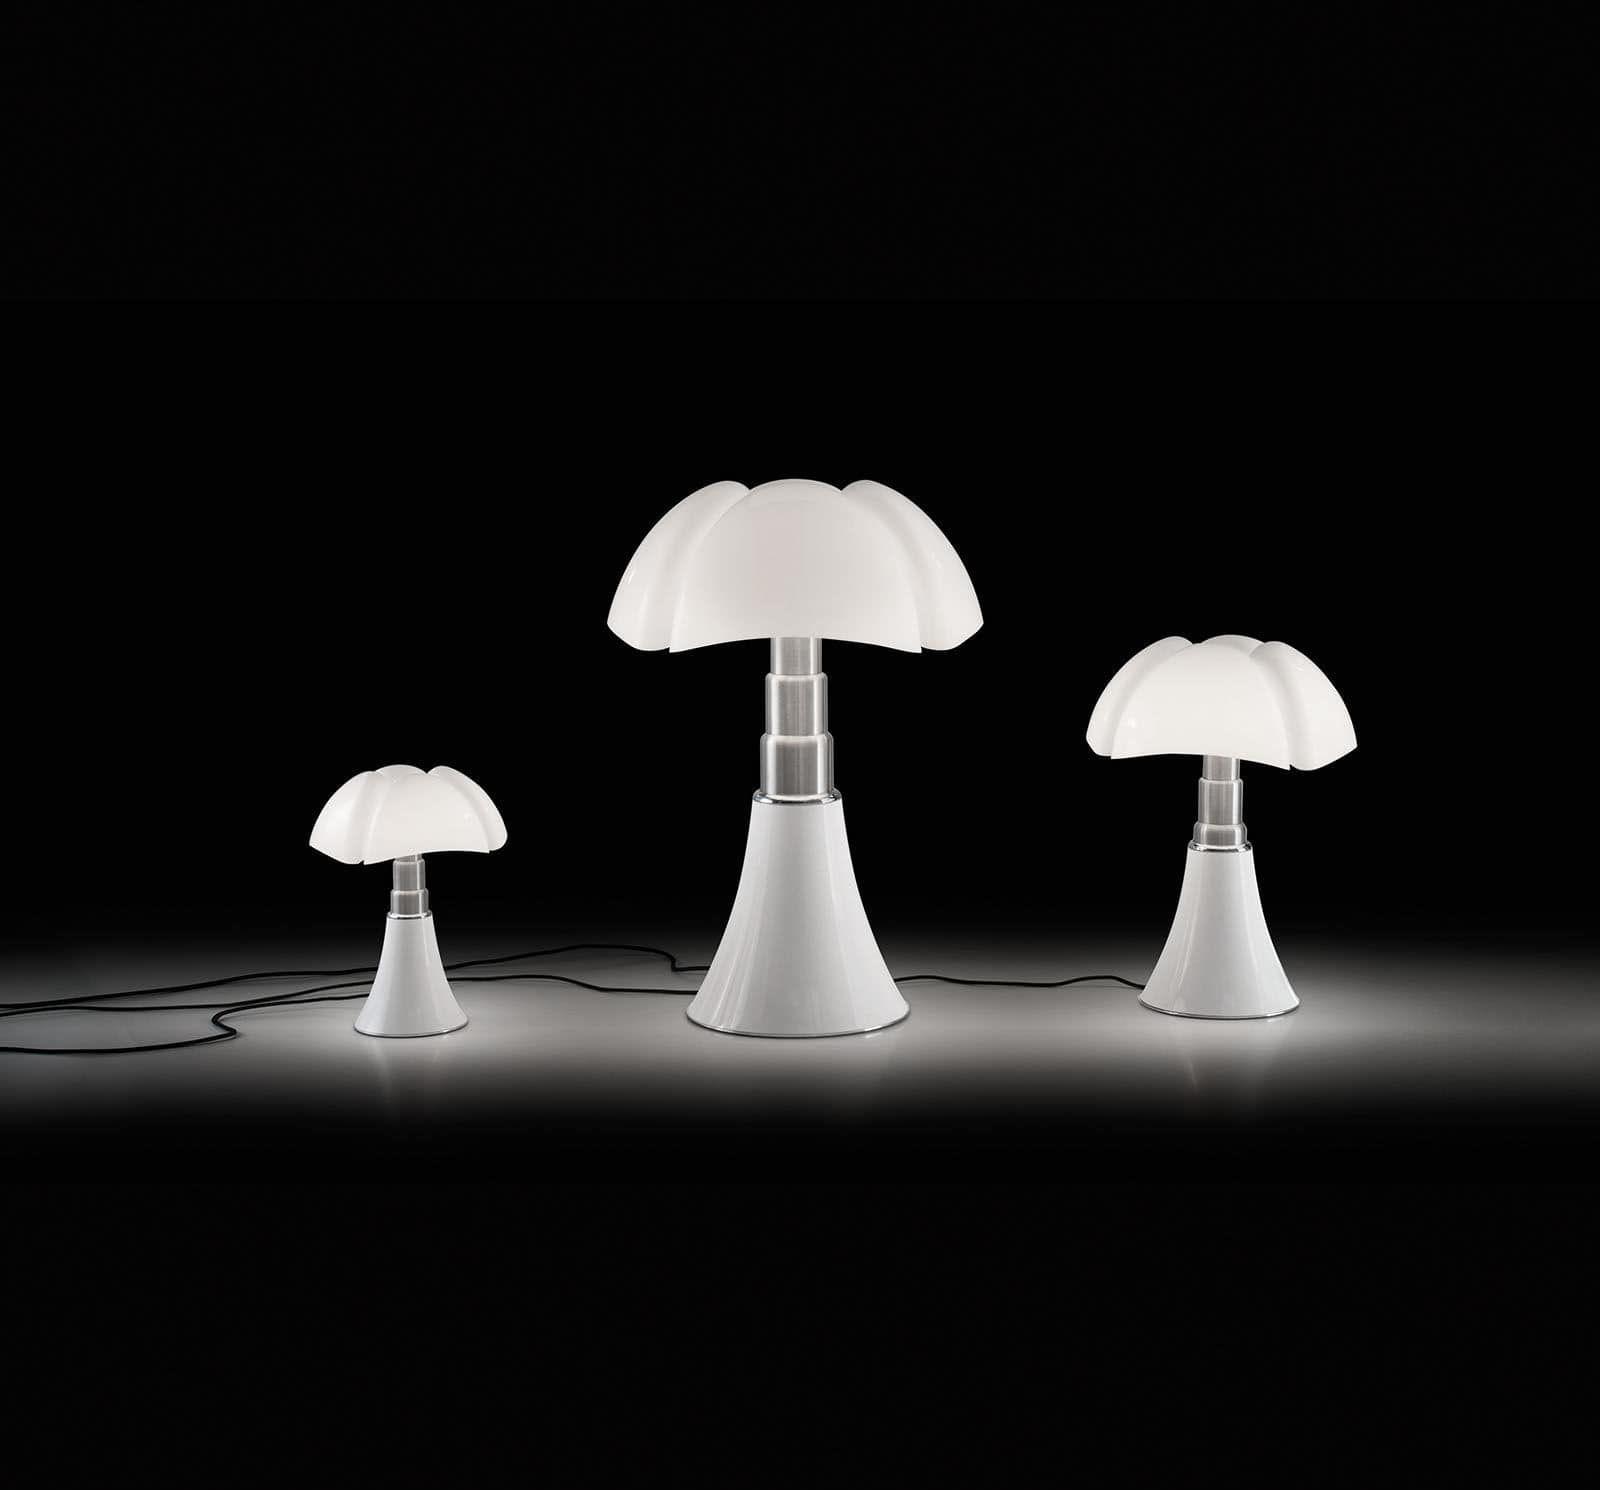 Lampe De Table Minipipistrello Martinelli Luce Tafellamp Verlichting